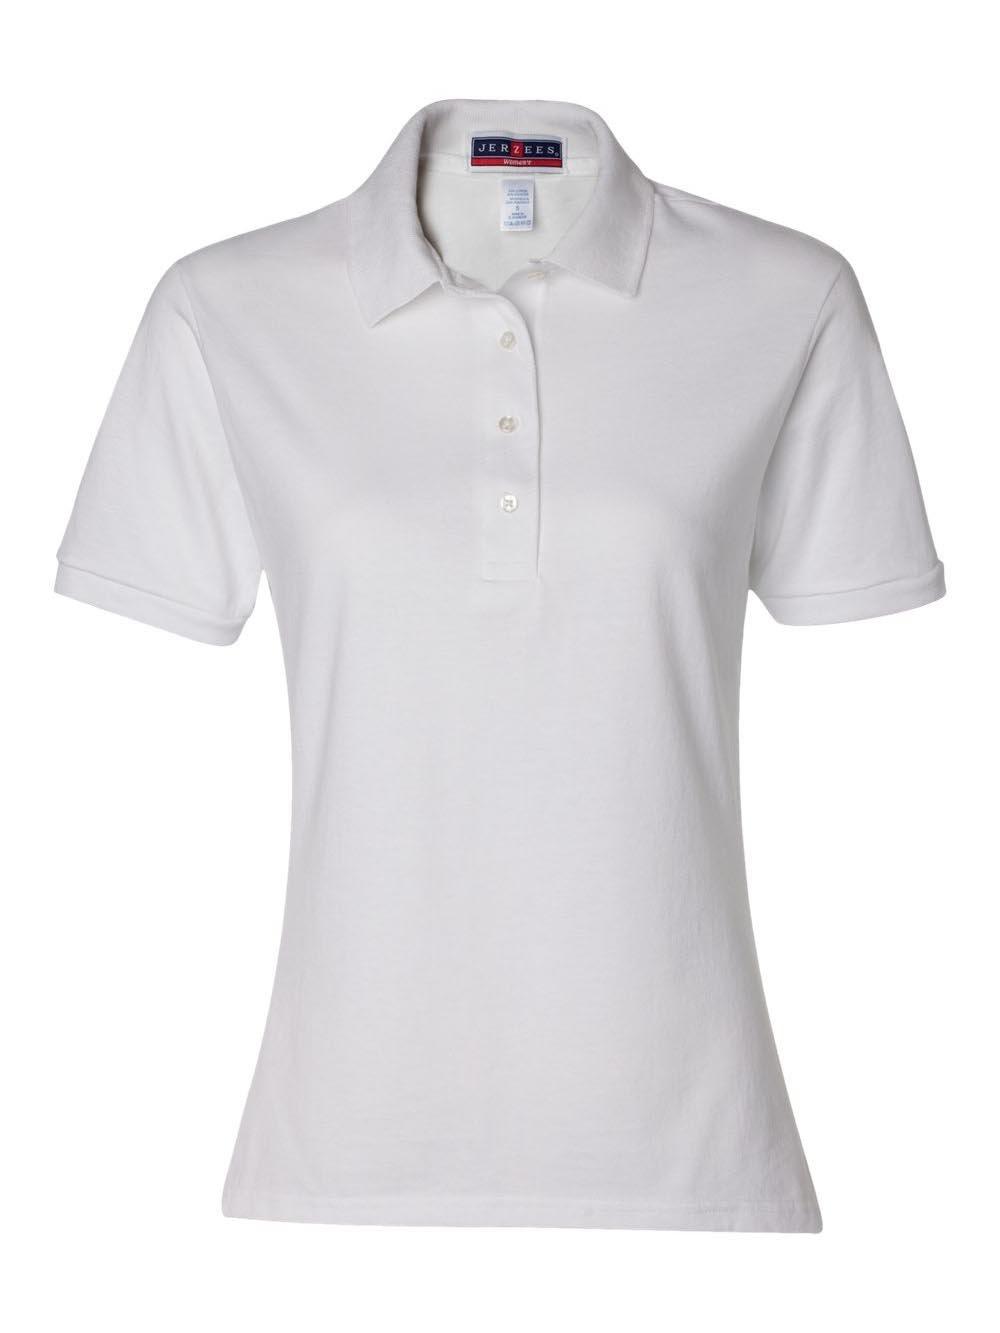 Jerzees womens 5.6 oz. 50/50 Jersey Polo with SpotShield(437W)-WHITE-2XL